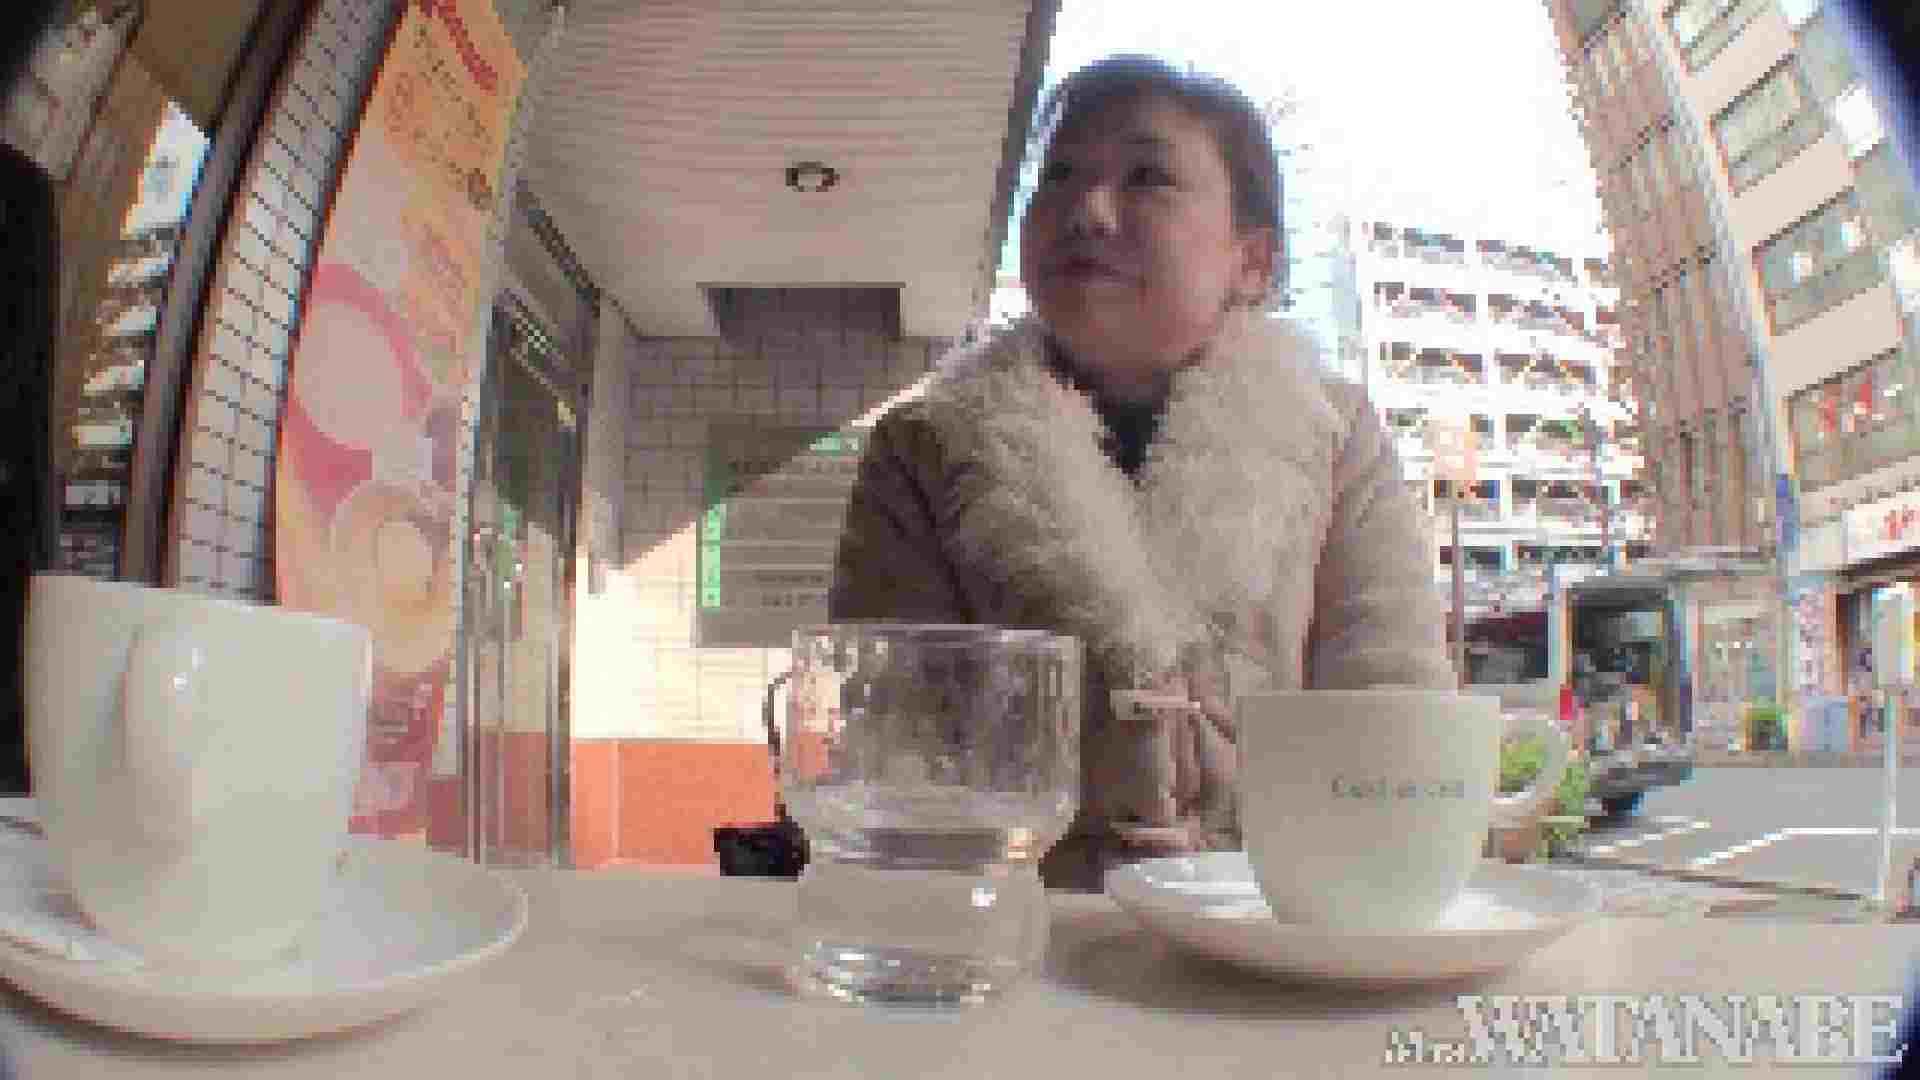 撮影スタッフを誘惑する痴熟女 かおり40歳 Vol.01 素人丸裸 戯れ無修正画像 105pic 5